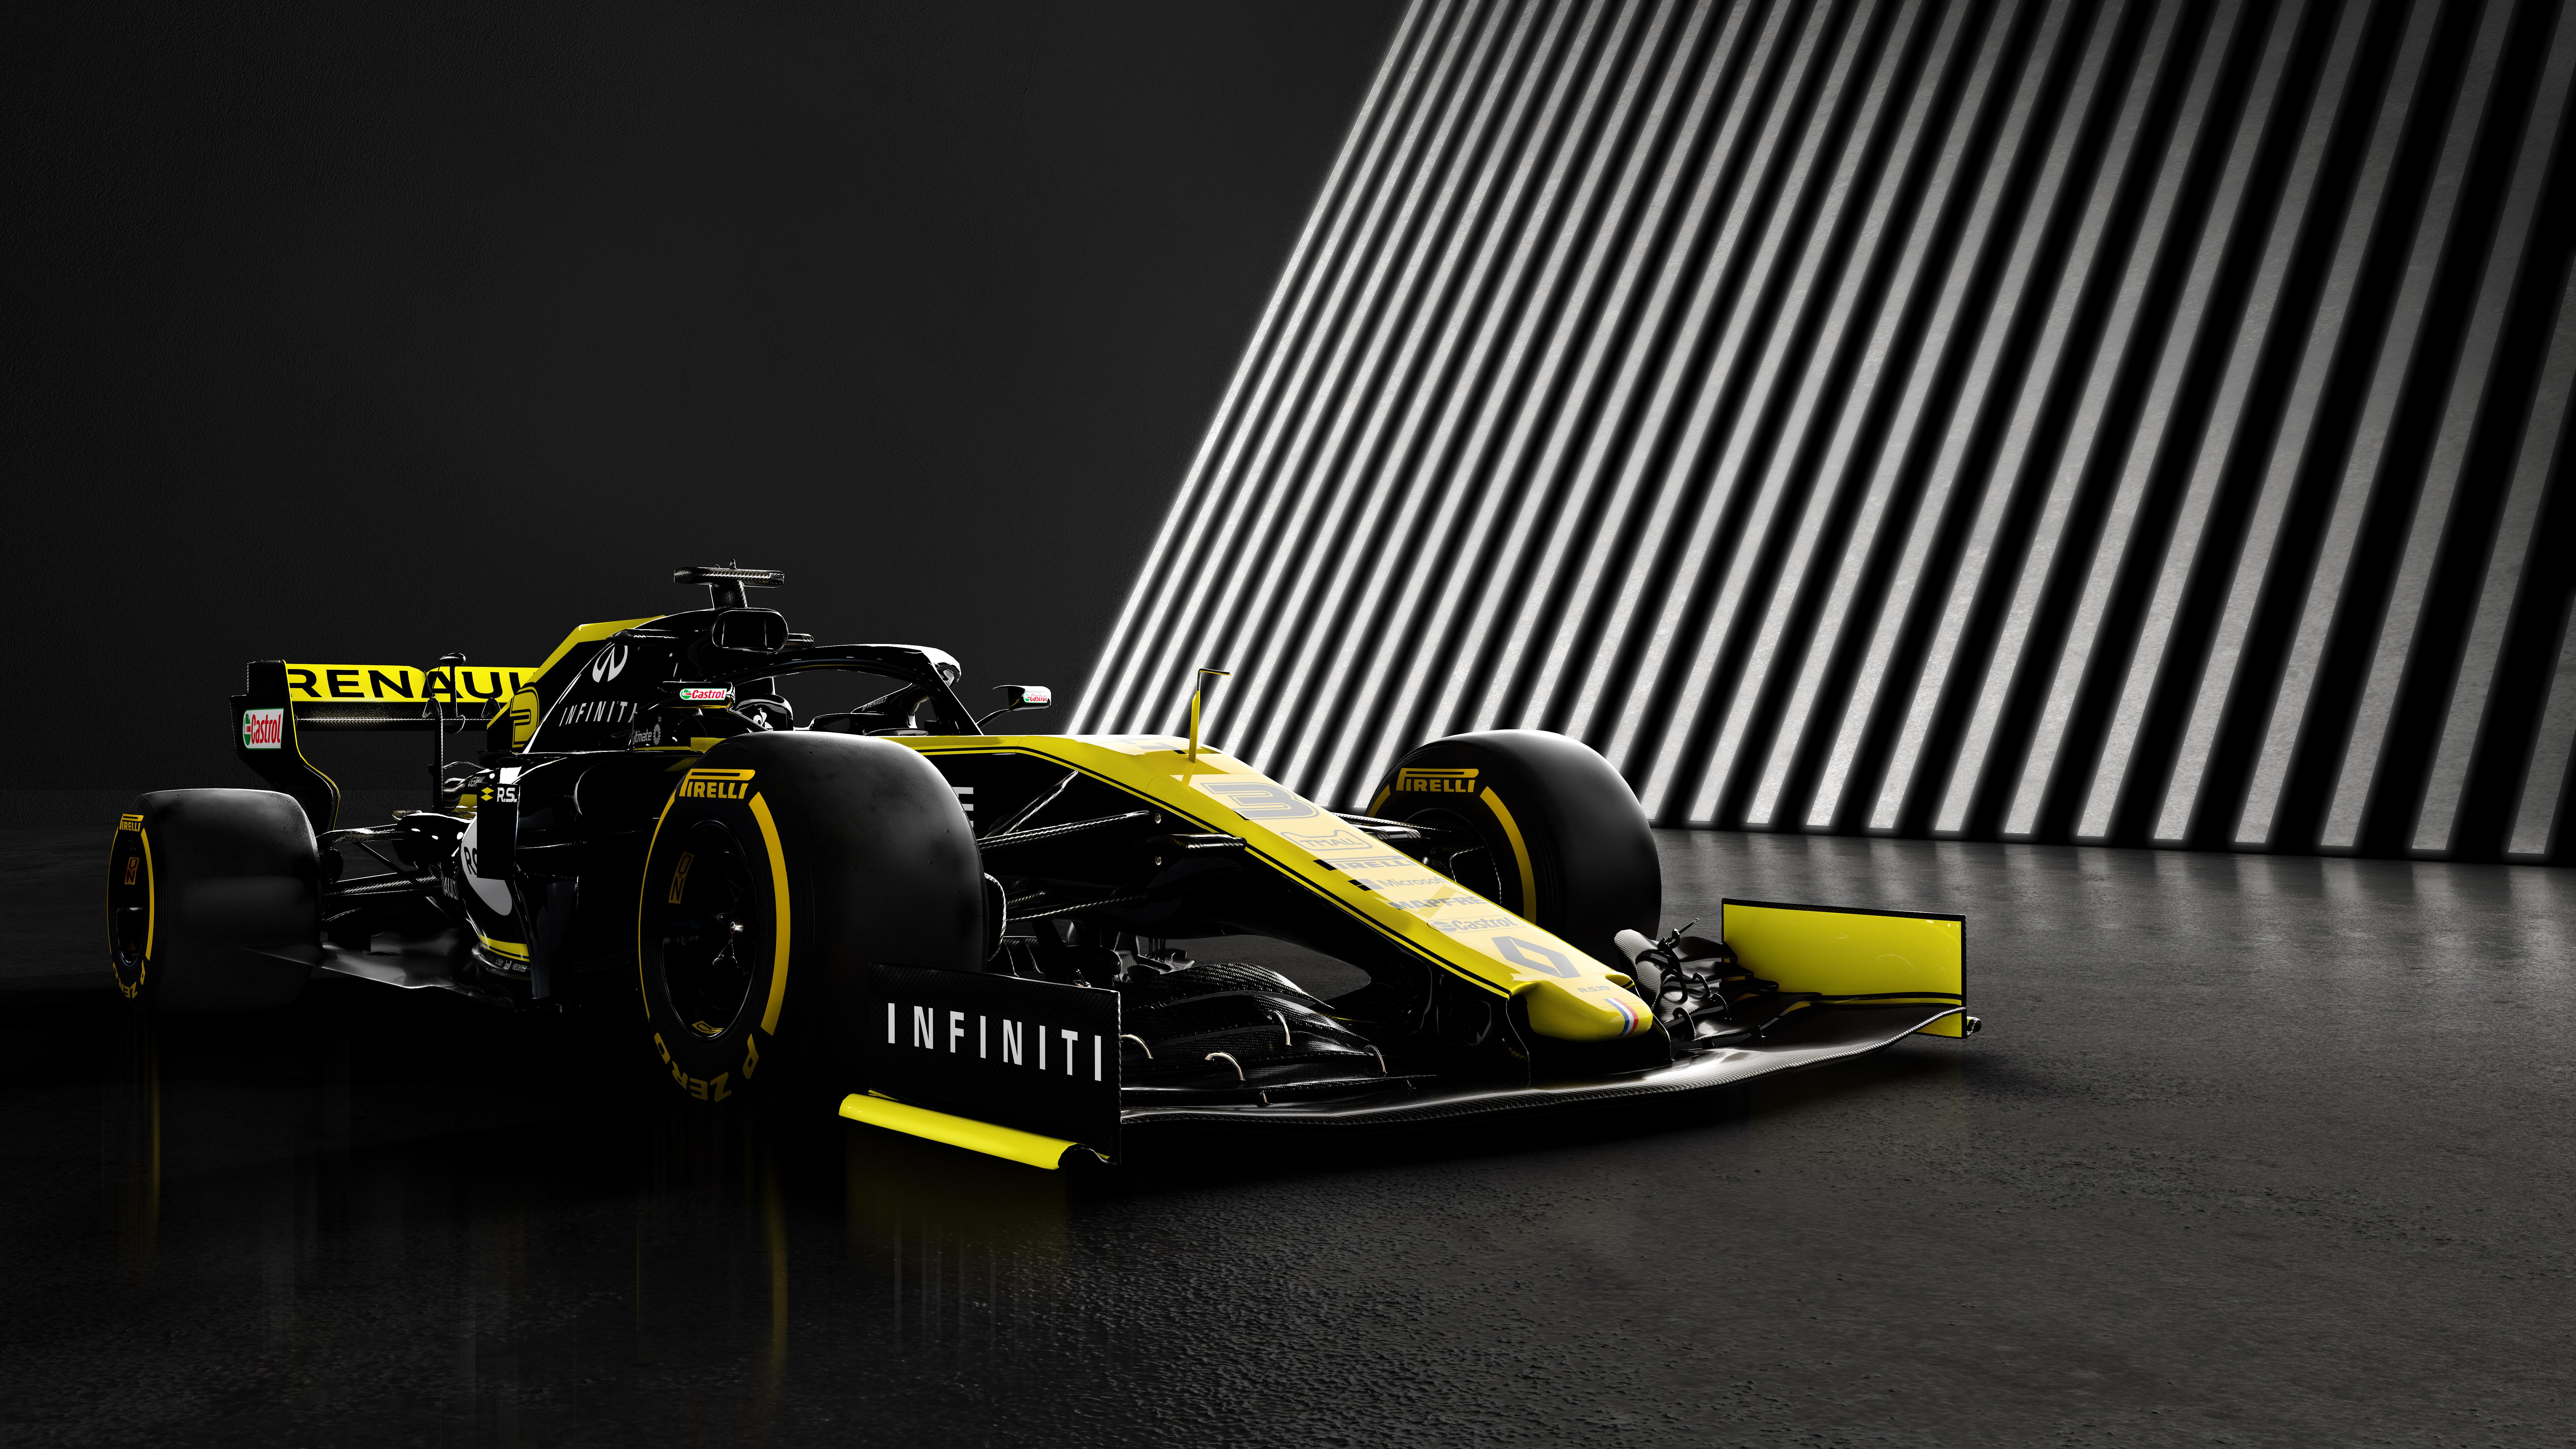 Renault RS19 Formula 1 2019 4K 8K 2 Wallpaper HD Car Wallpapers 7680x4320